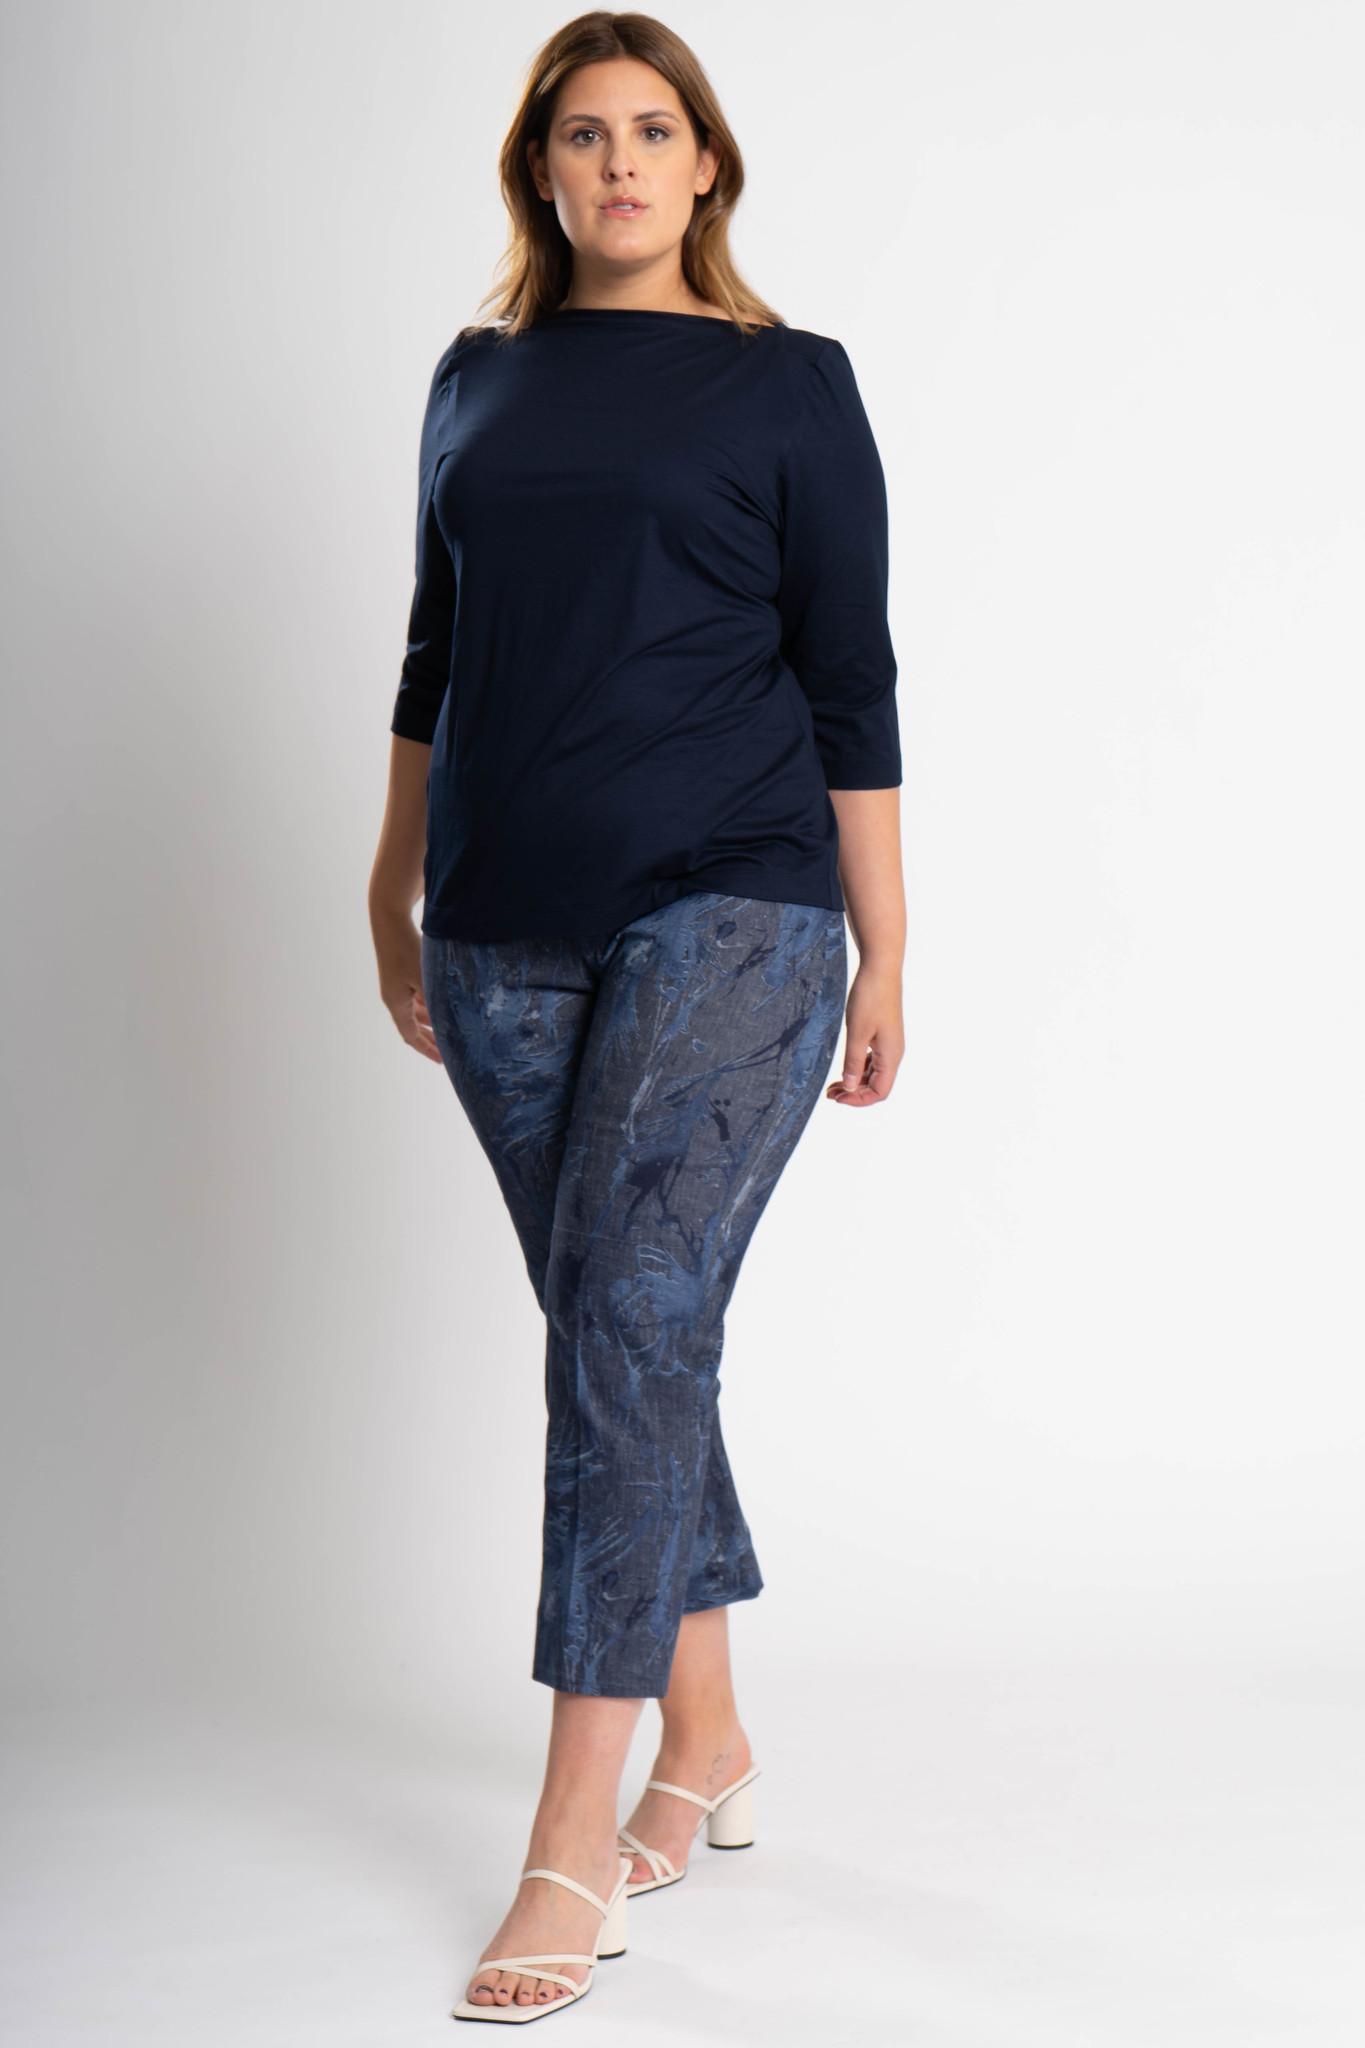 TAKI Trousers in Linen-2